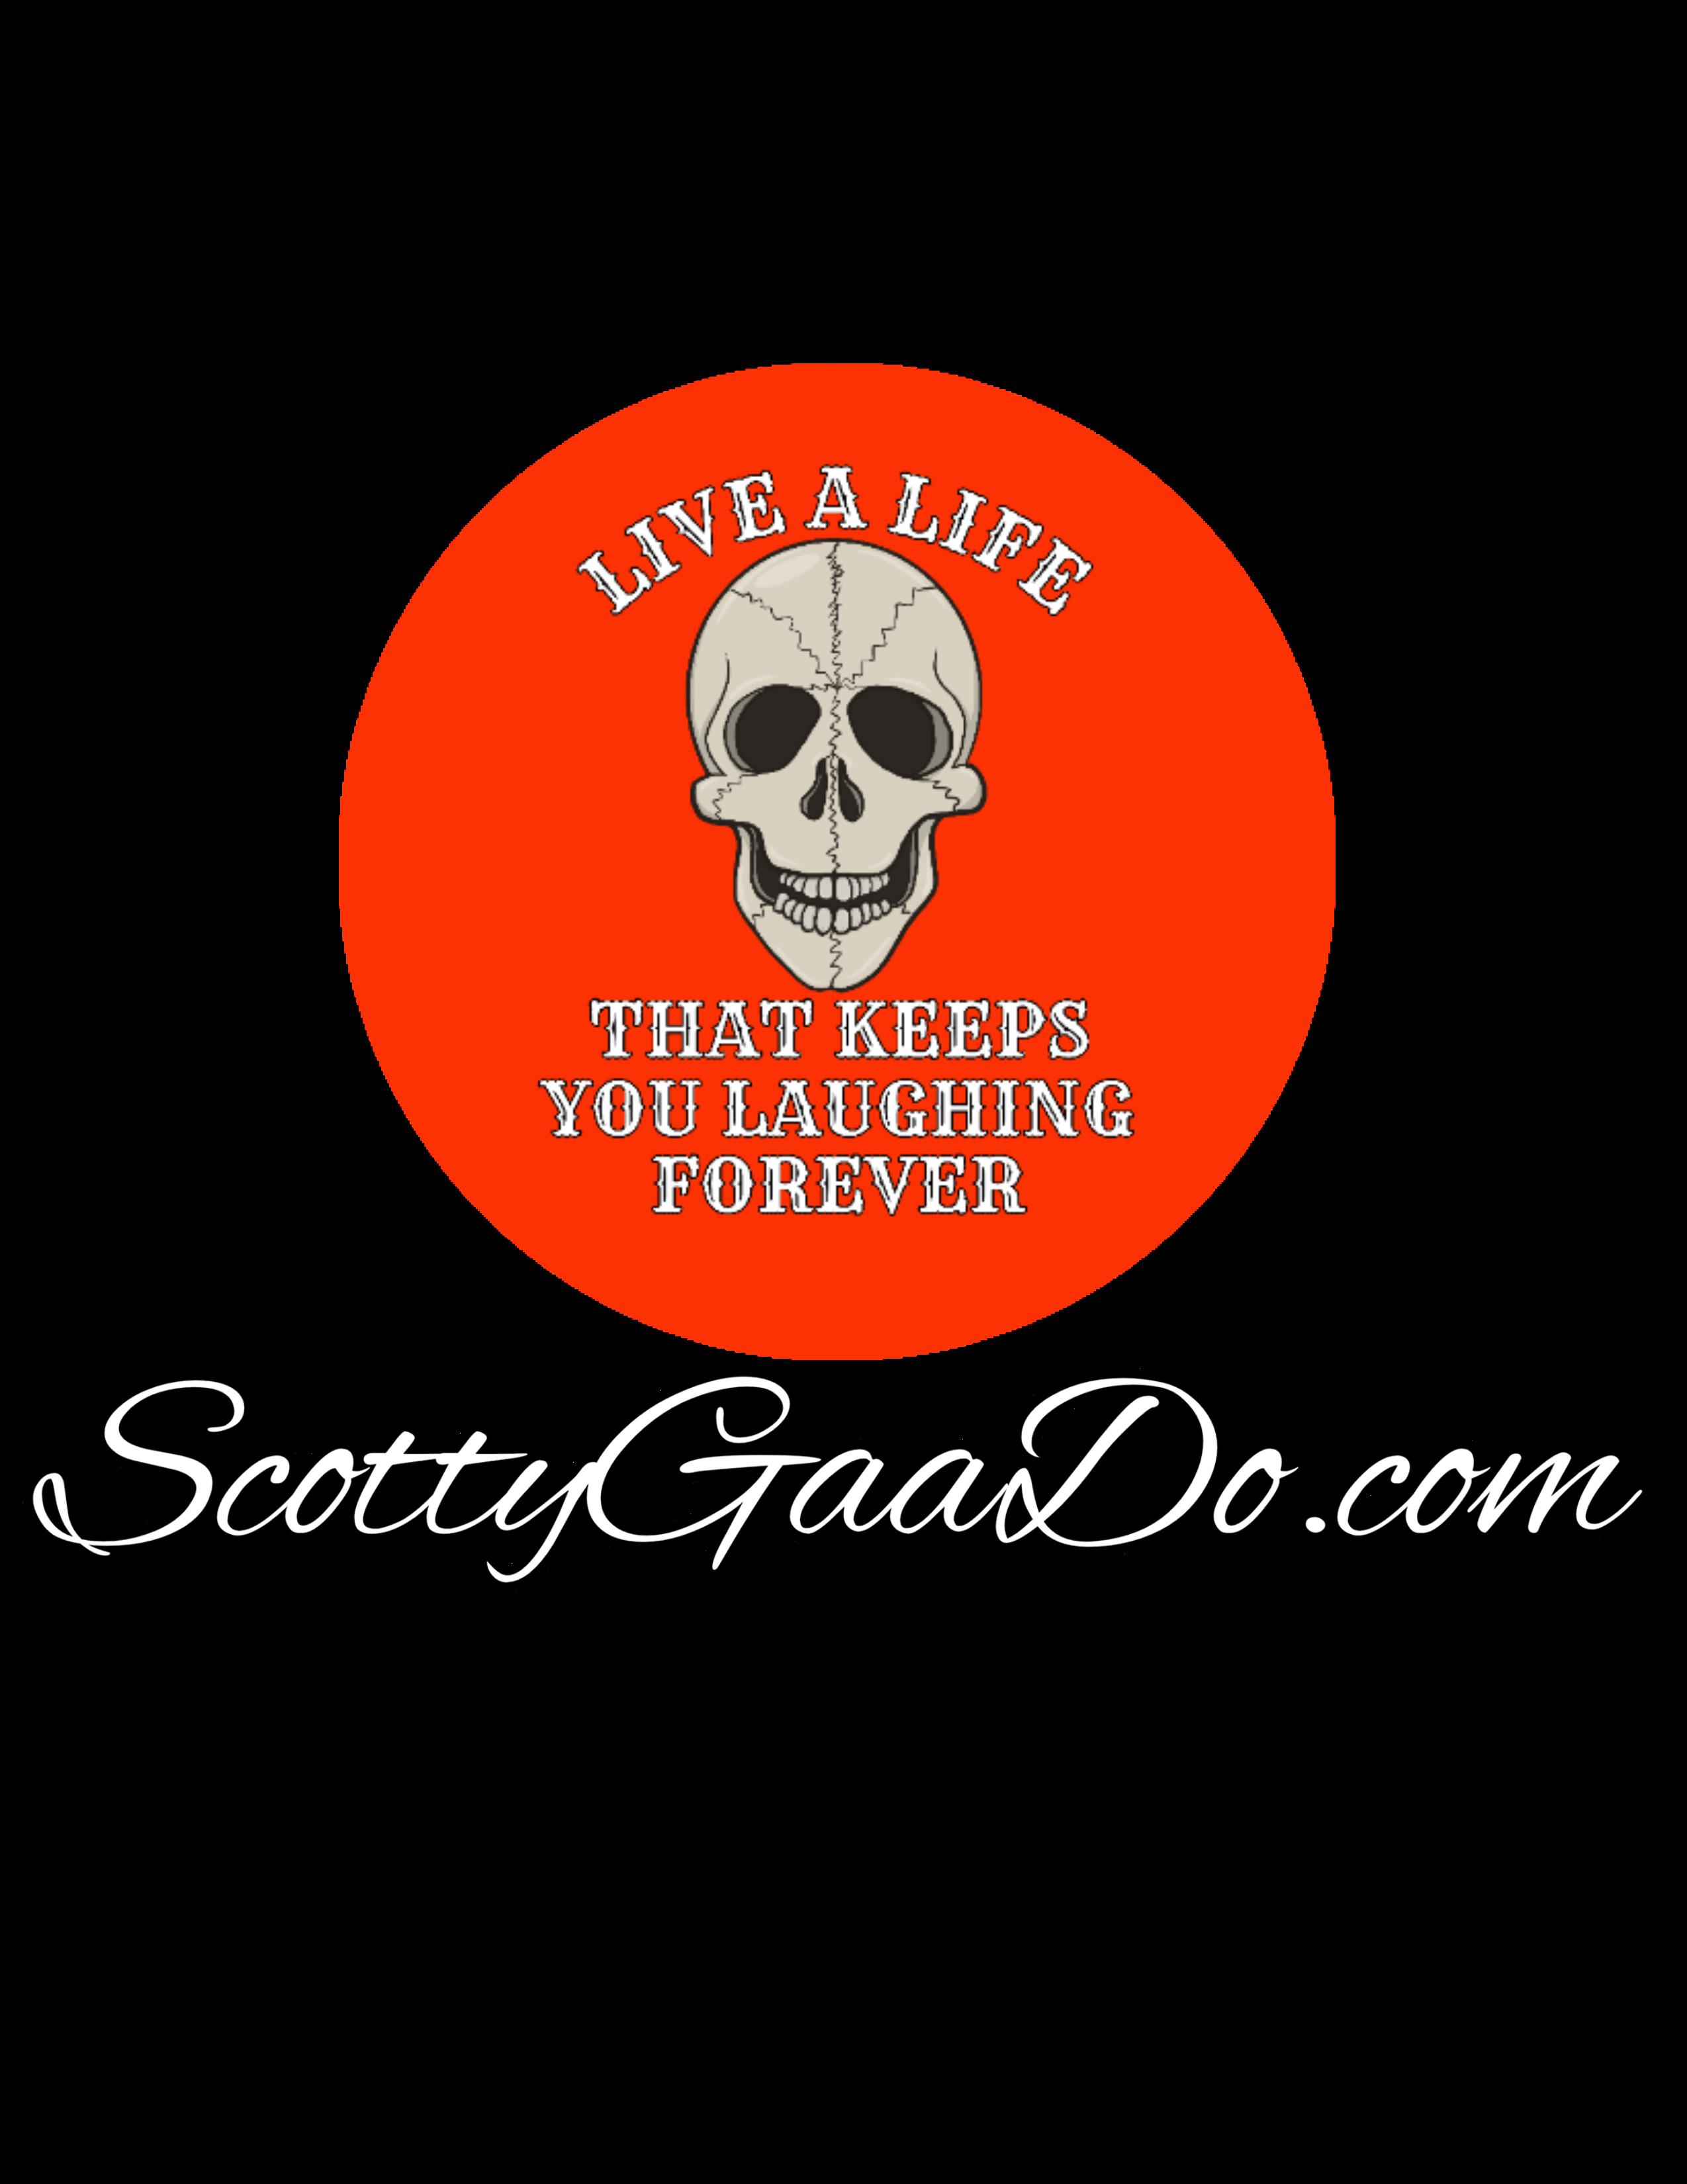 ScottyGaaDo.com